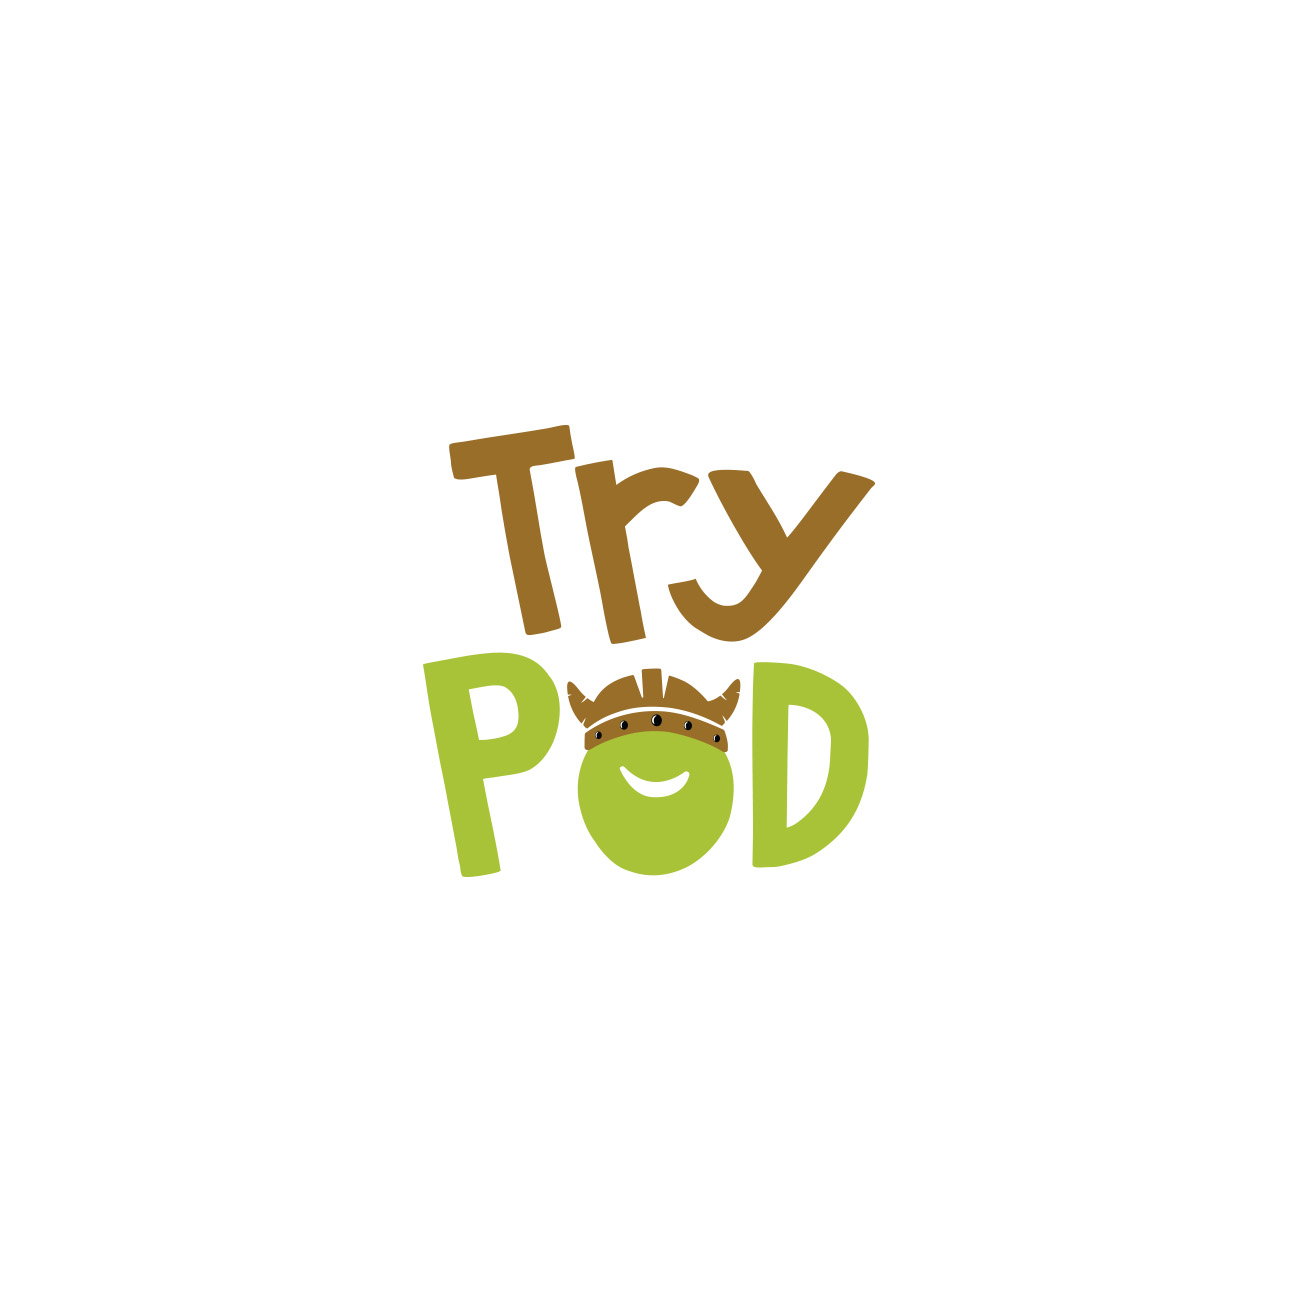 trypod logo